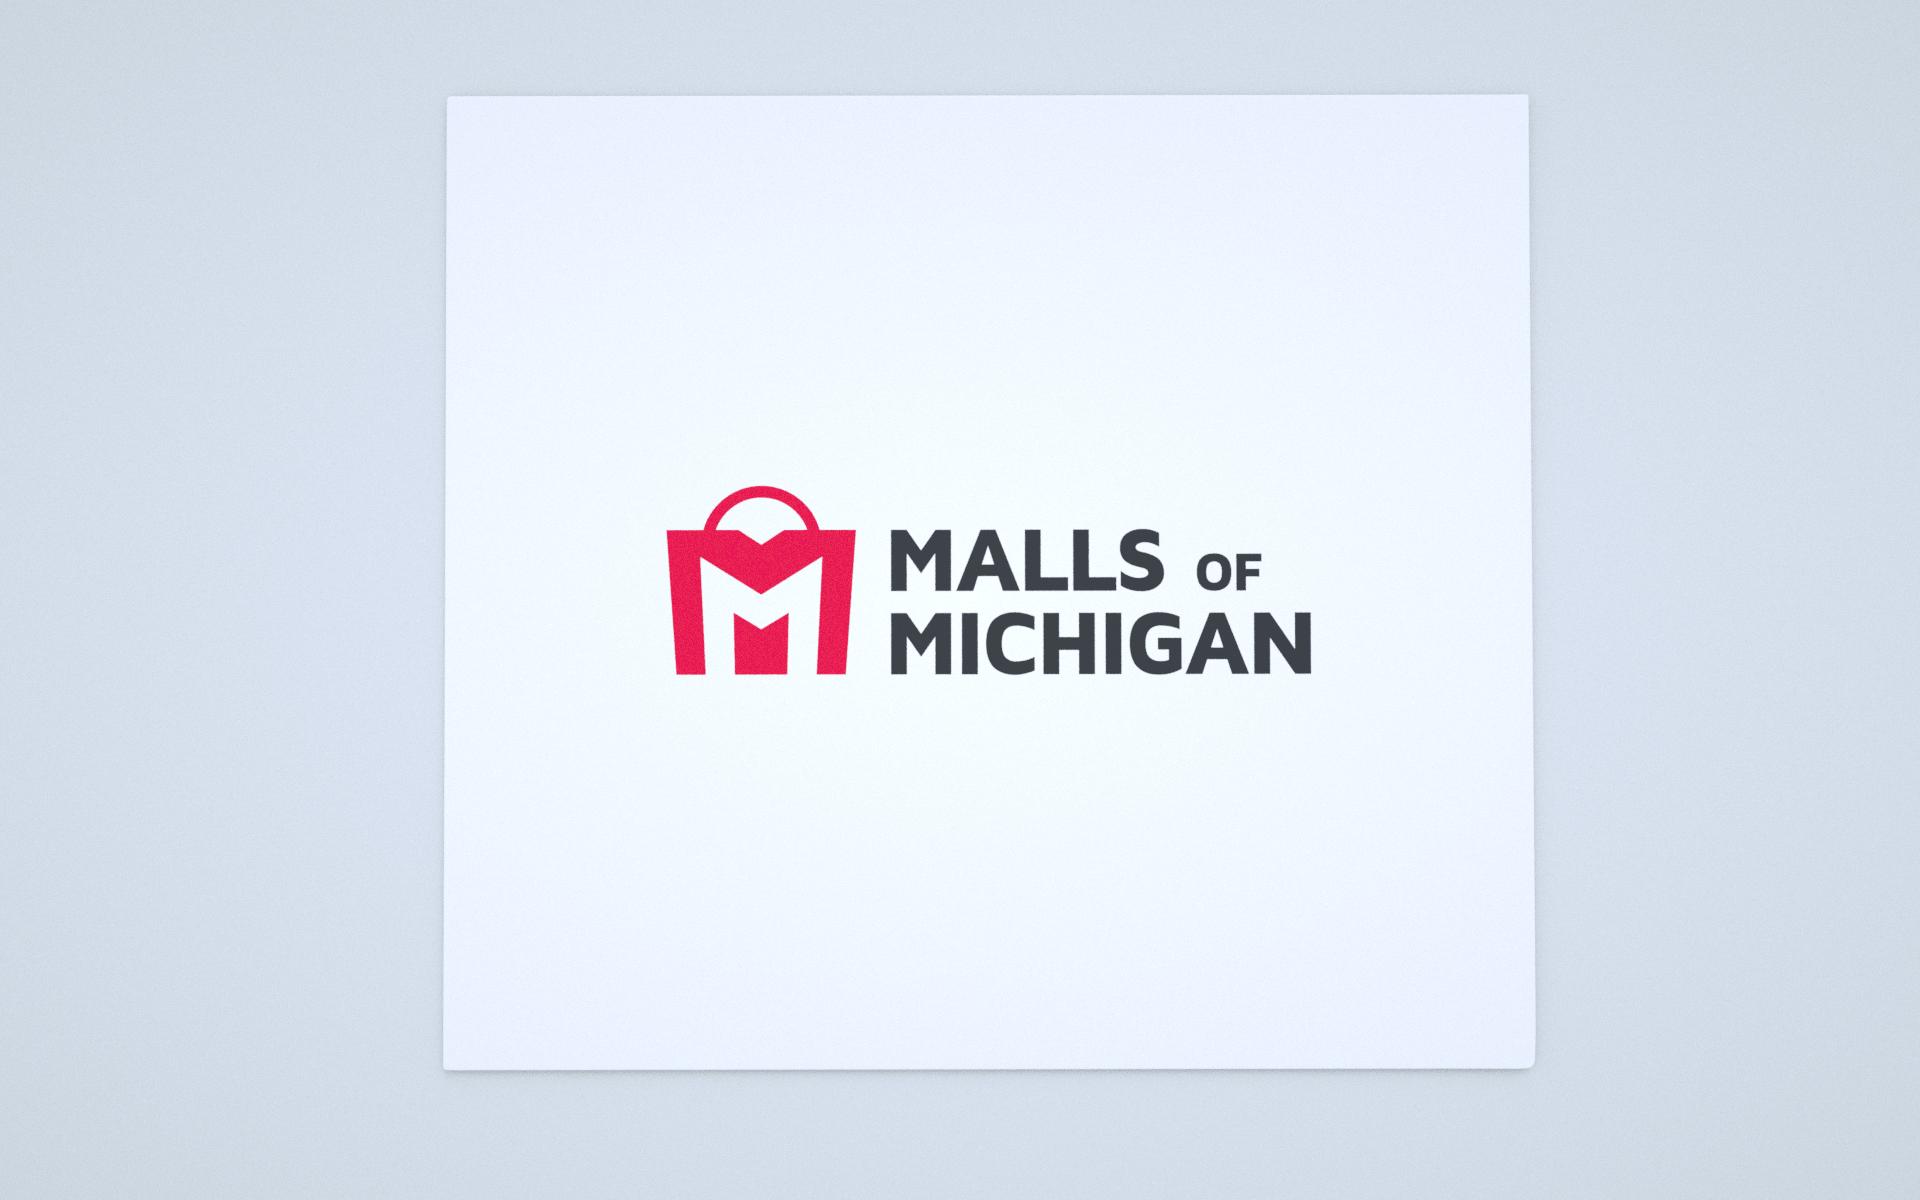 MALLS OF MICHIGAN LOGO